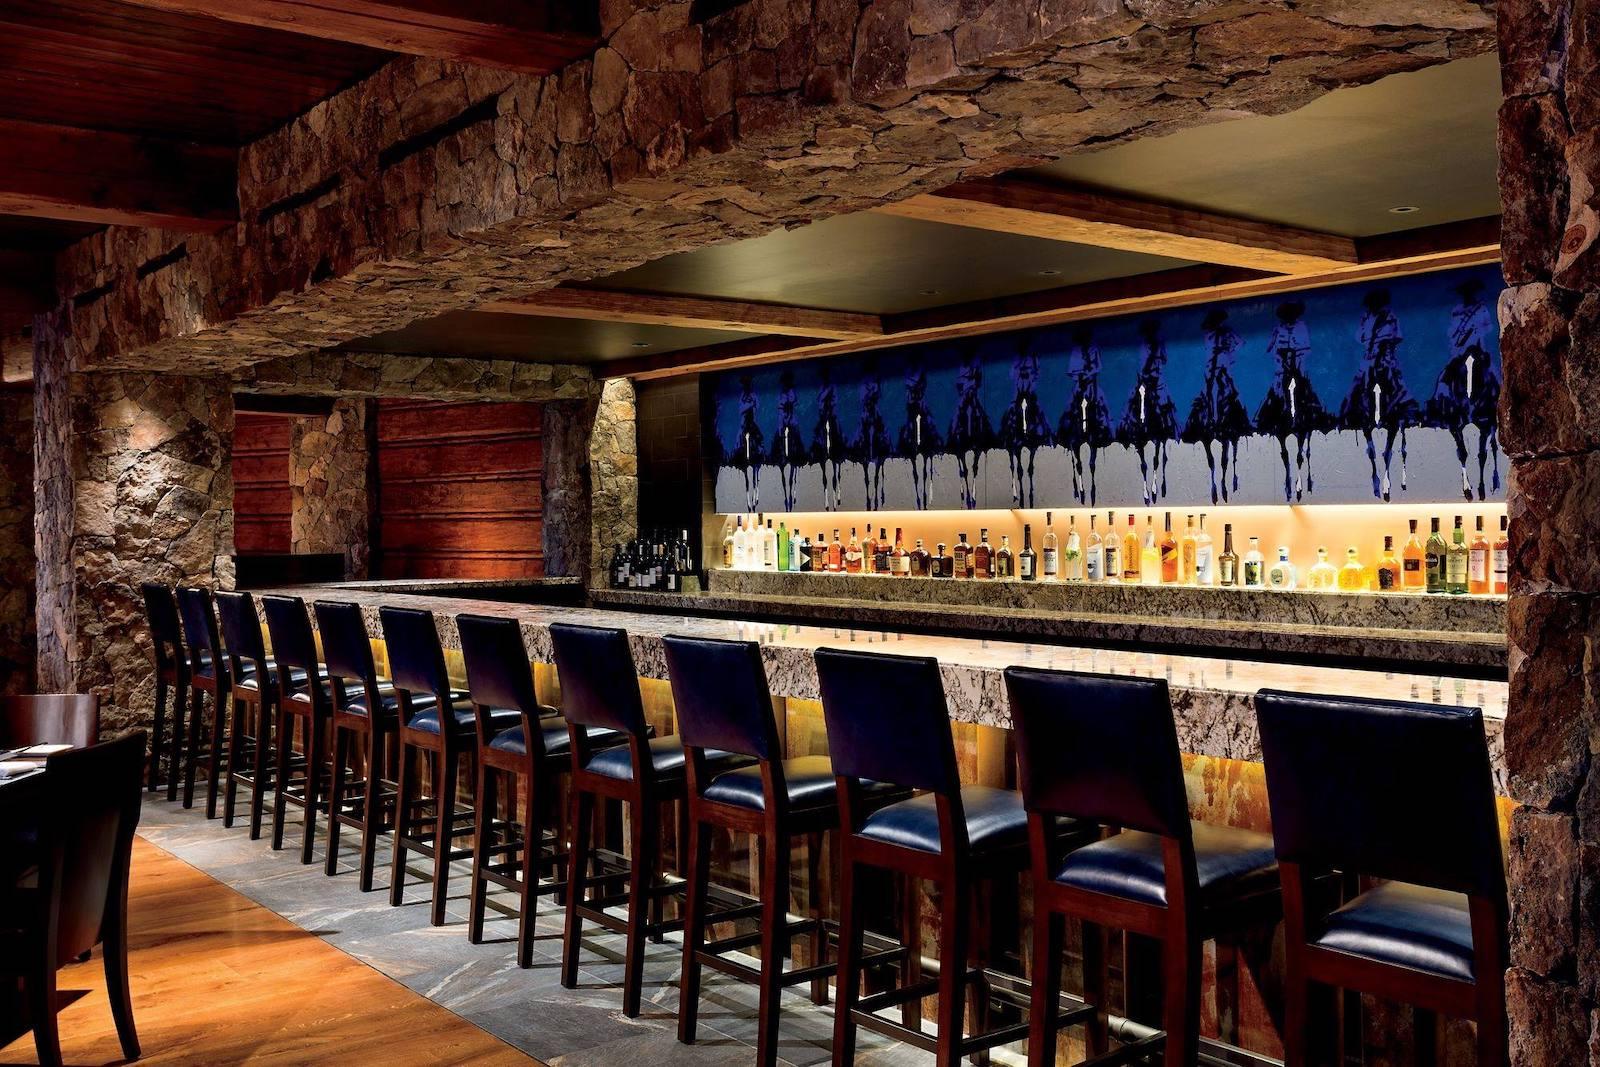 Image of a bar at The Ritz Carlton, Bachelor Gulch in Avon, Colorado